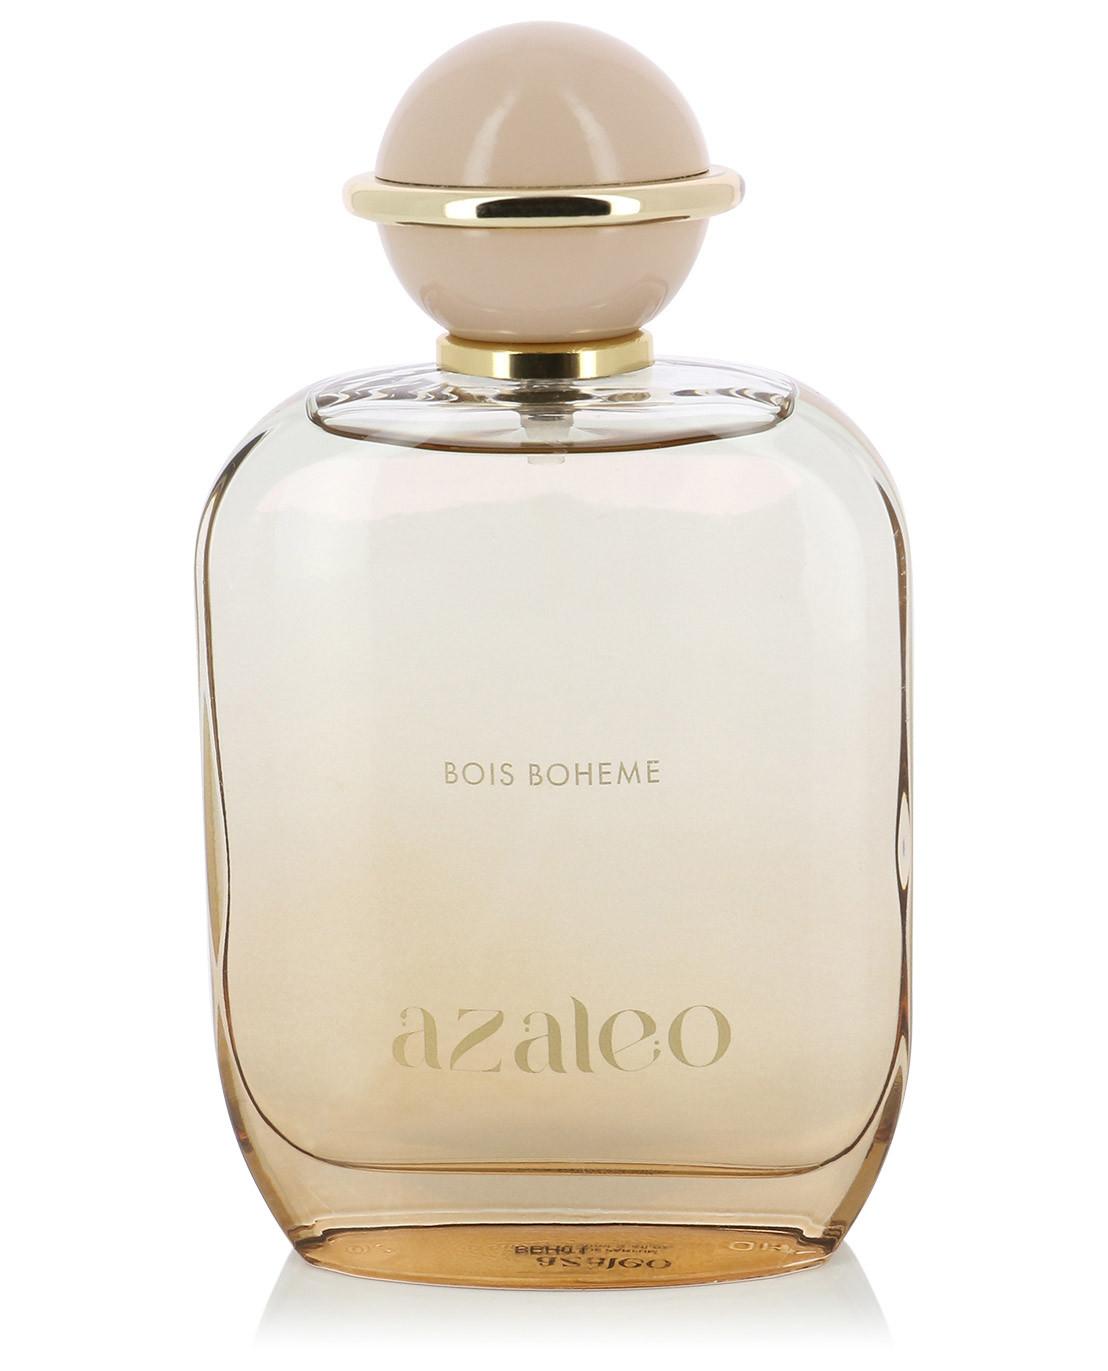 AZALEO - Eau de Parfum Bois Bohème